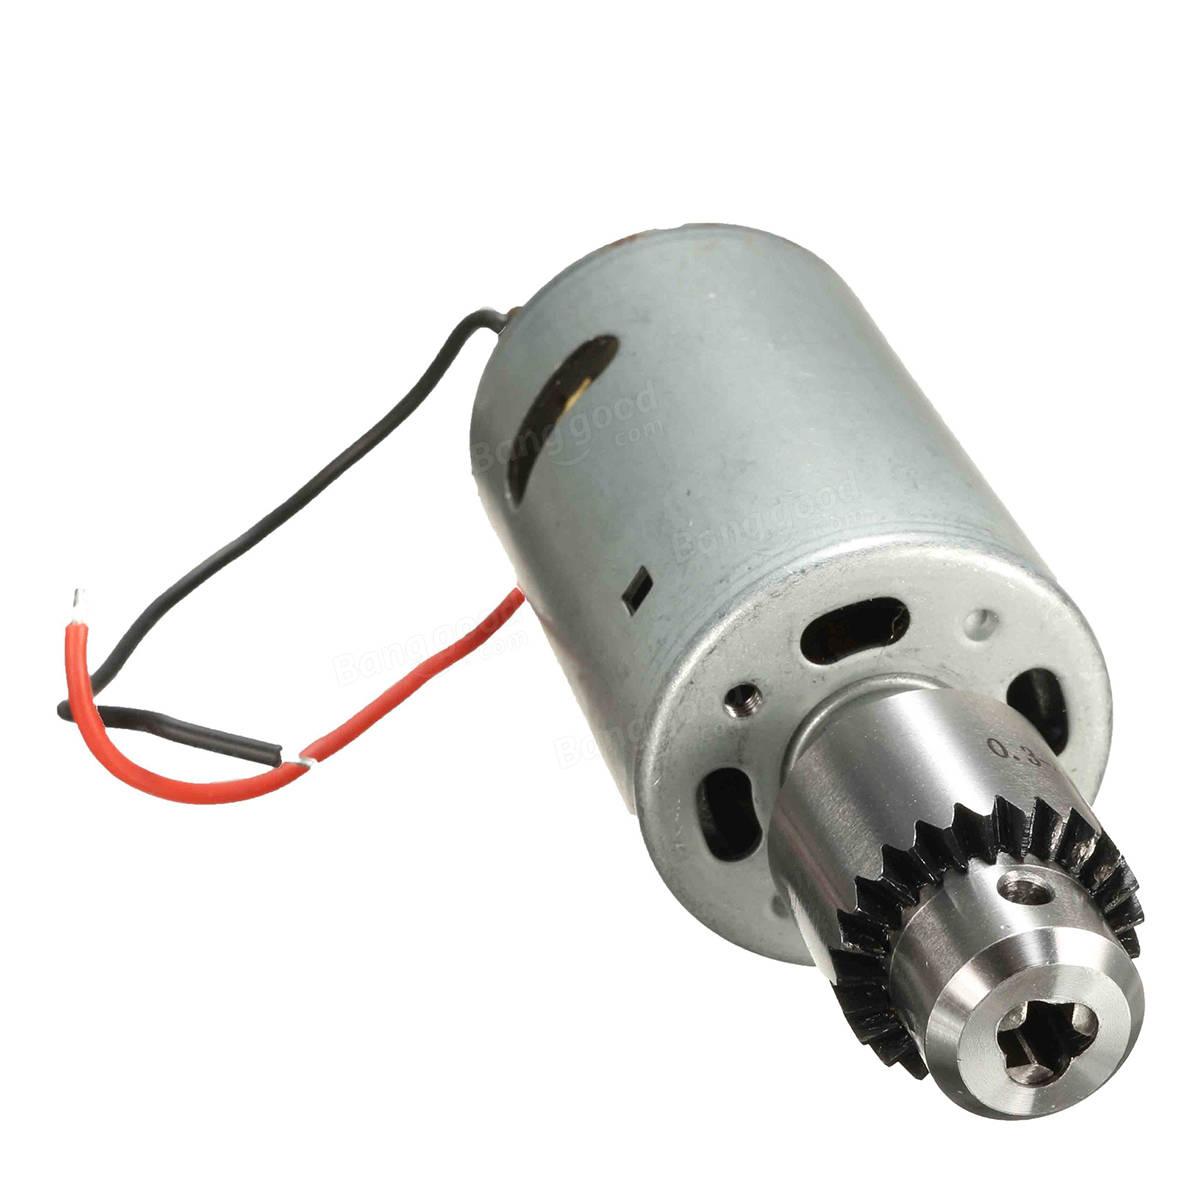 Dc 12v 24v 555 Motore Per Trapano A Mano Elettrico Fai Da